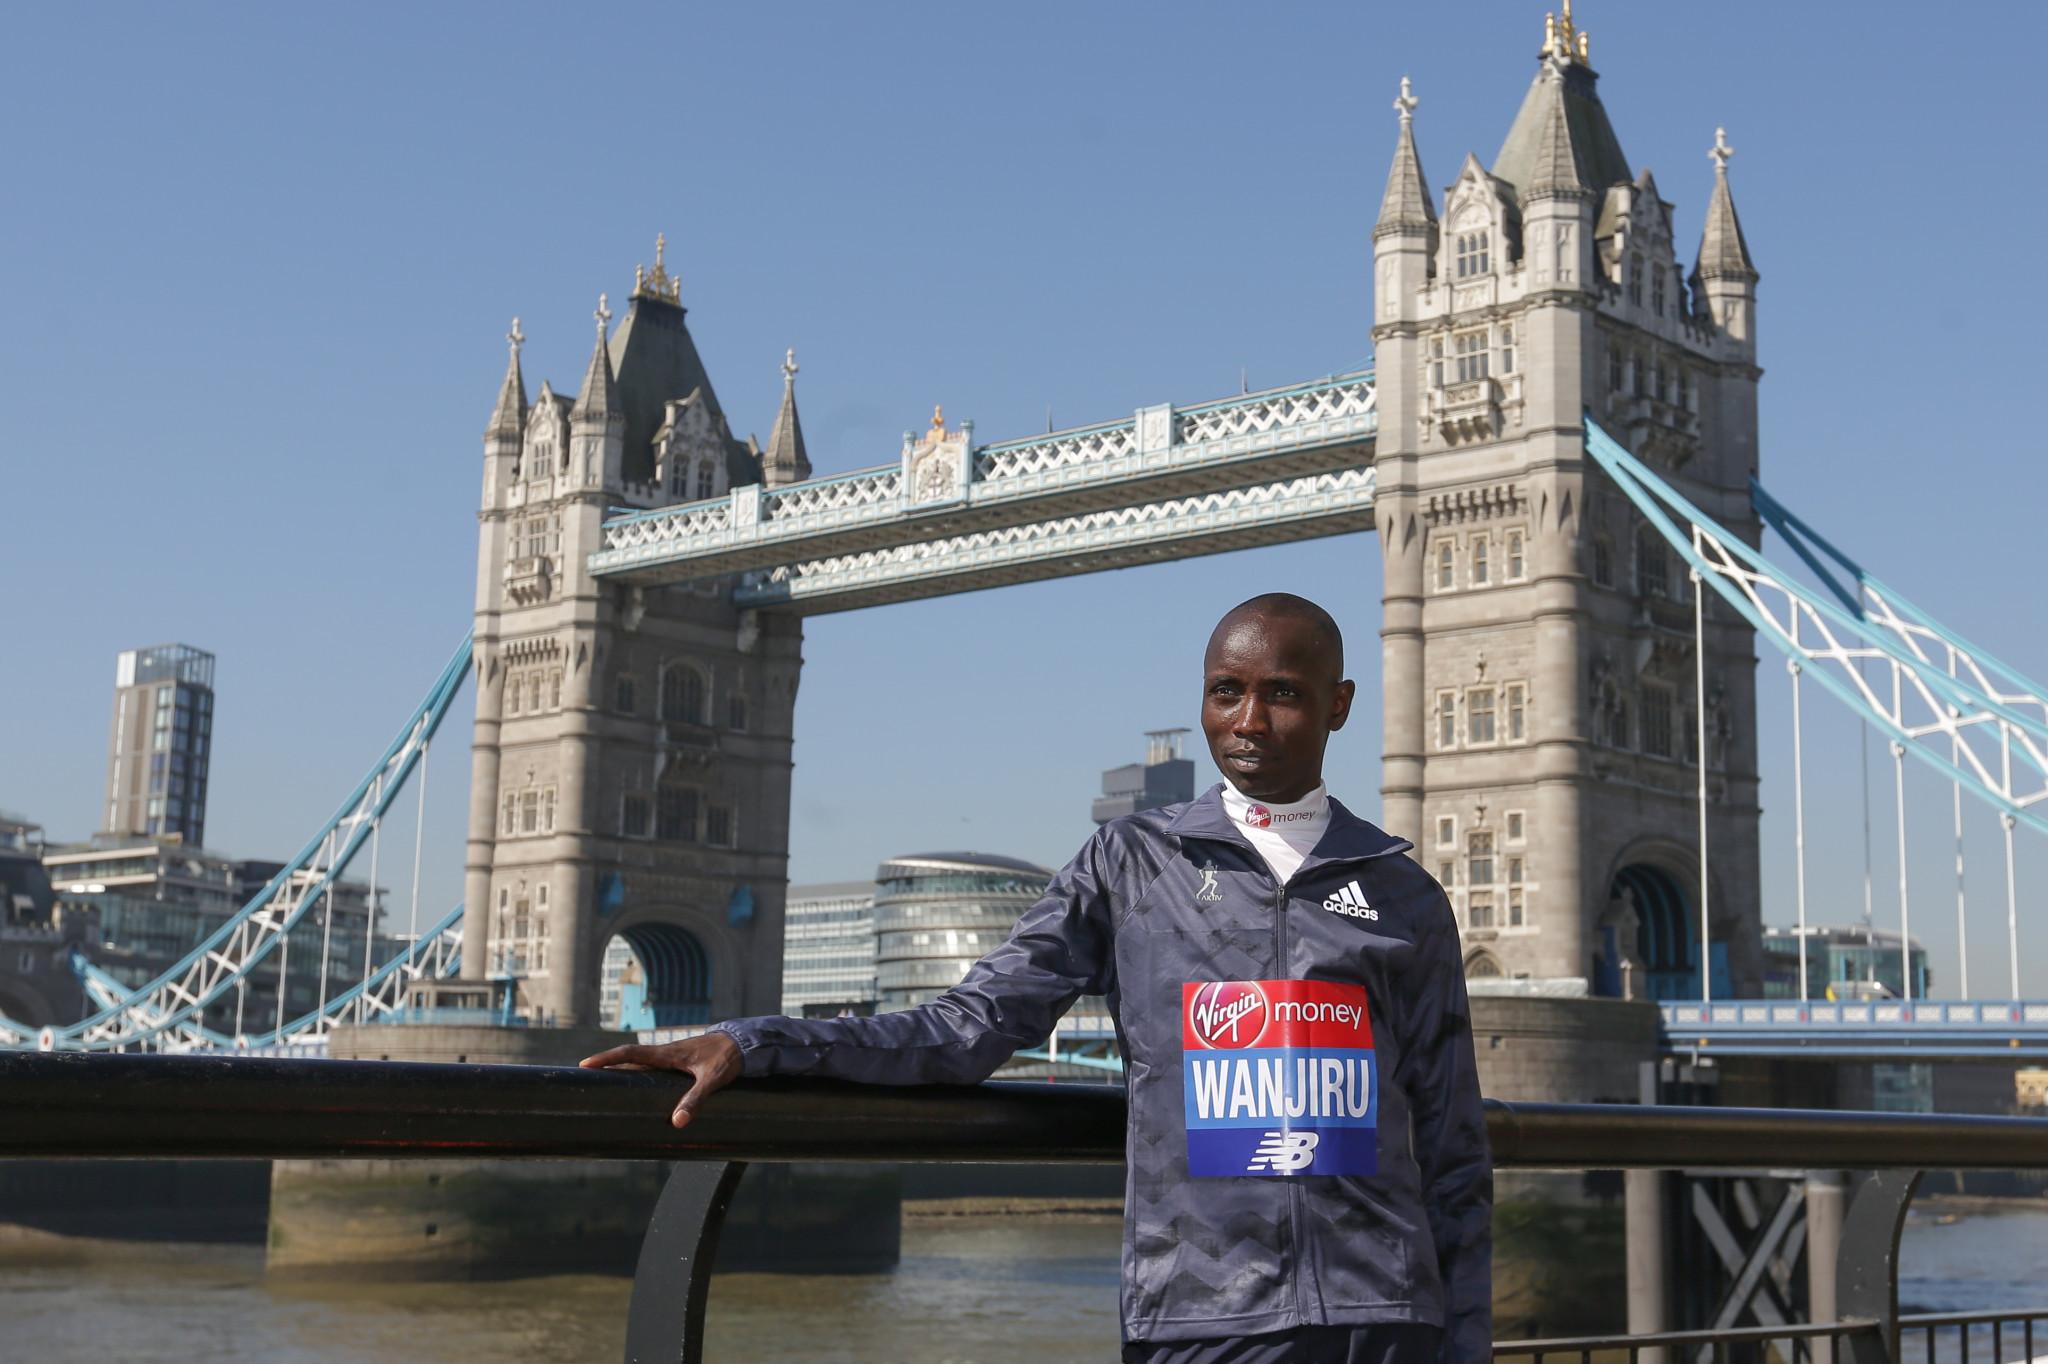 Former London Marathon winner Wanjiru given four-year doping ban